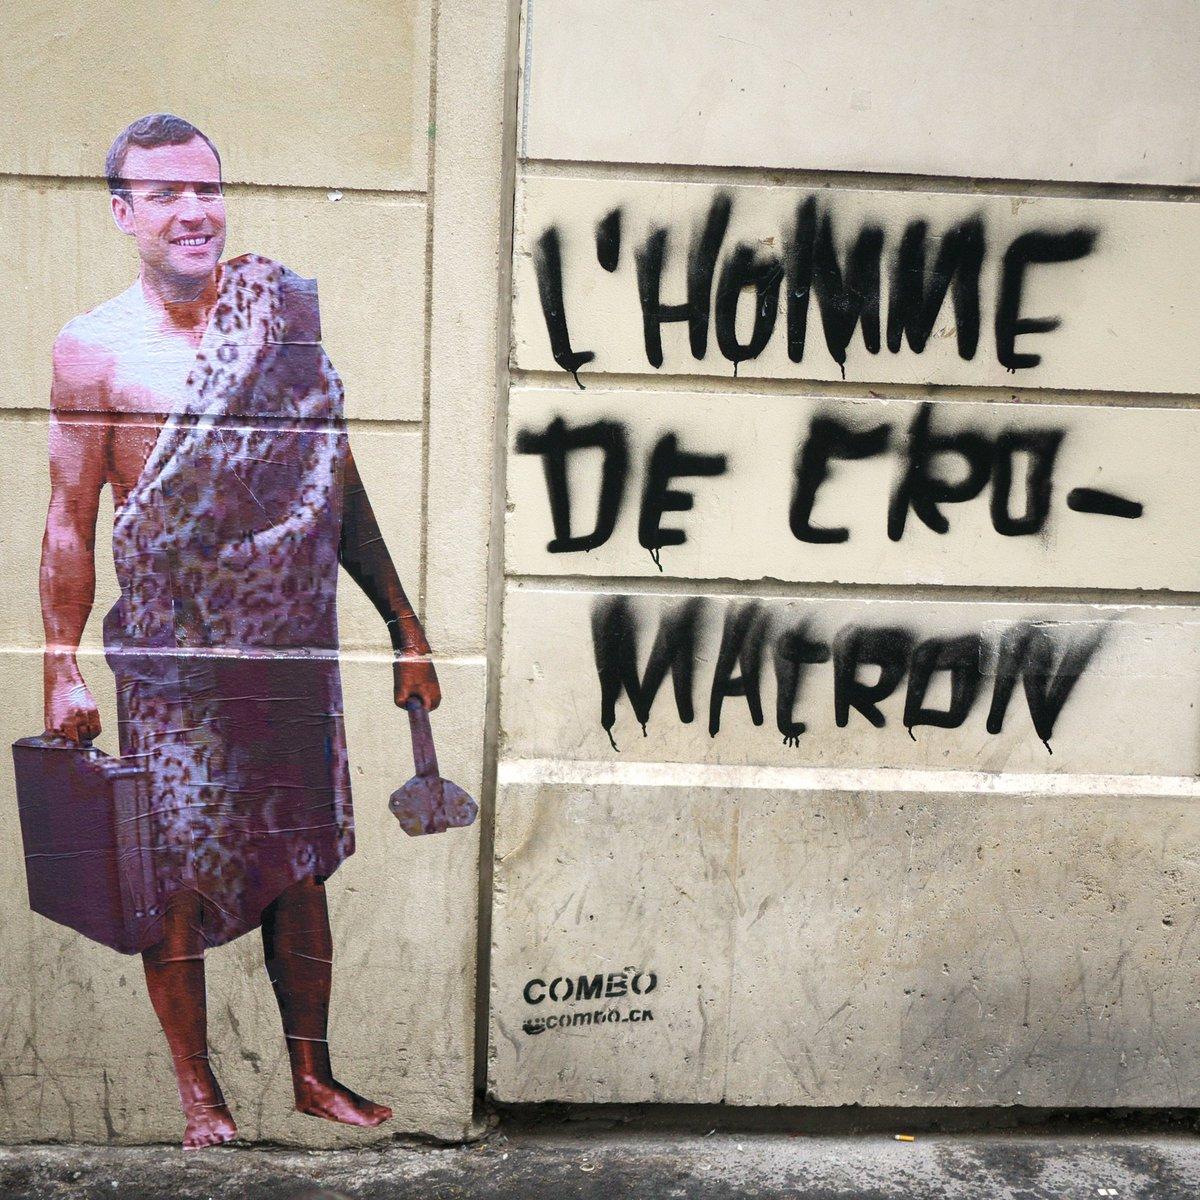 macron, trump, le street artiste combo affiche les politiques